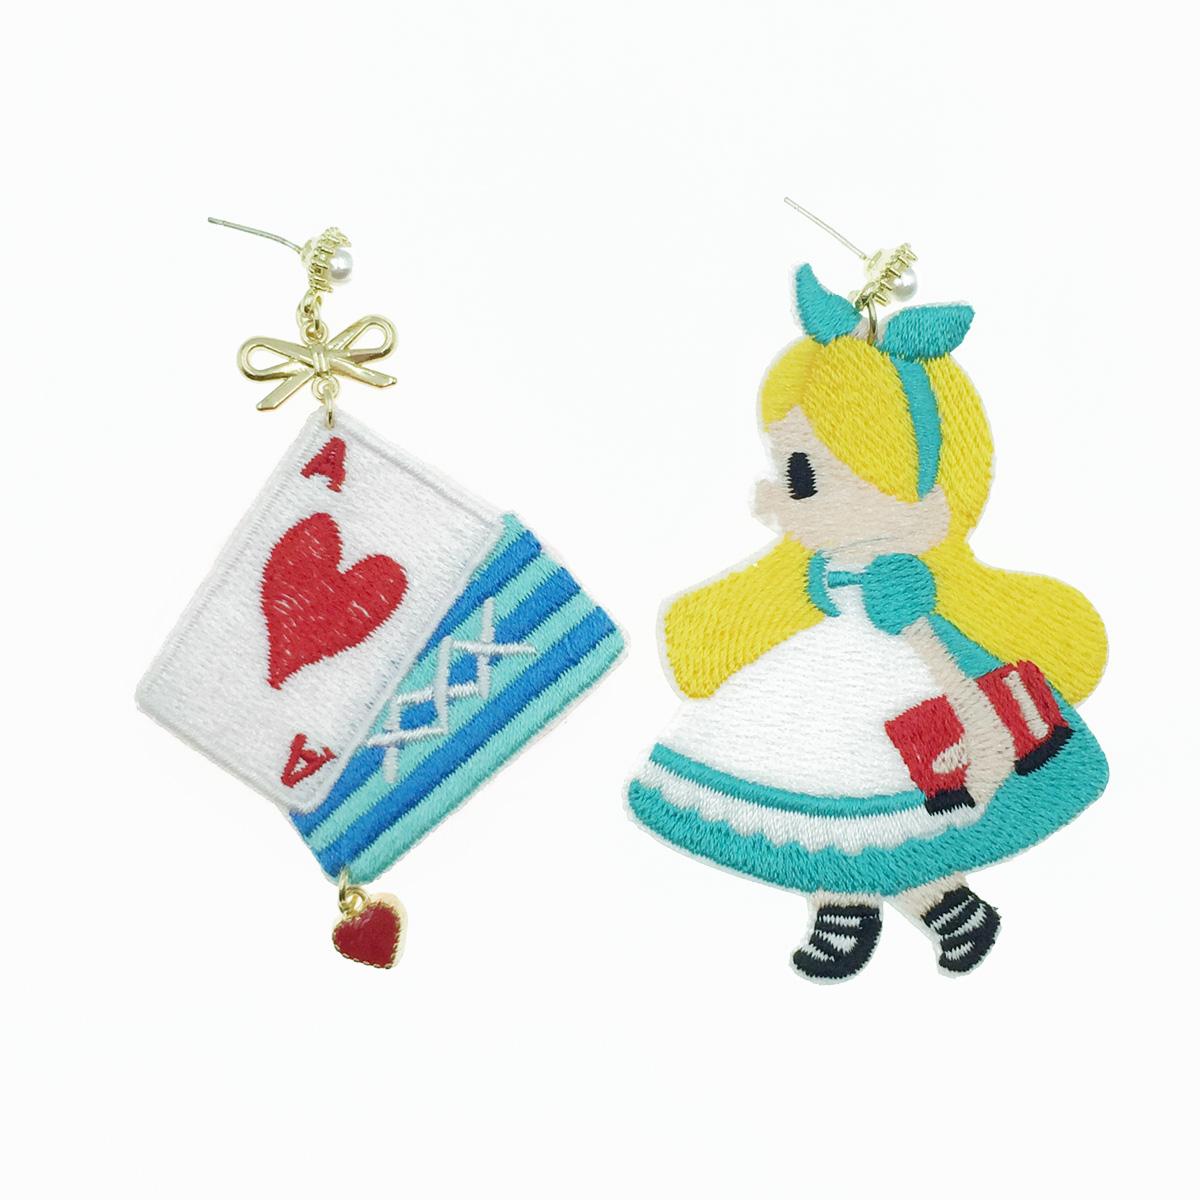 韓國 925純銀 愛麗絲 撲克牌 燙布貼 不對稱 珍珠 垂墜感 耳針式耳環